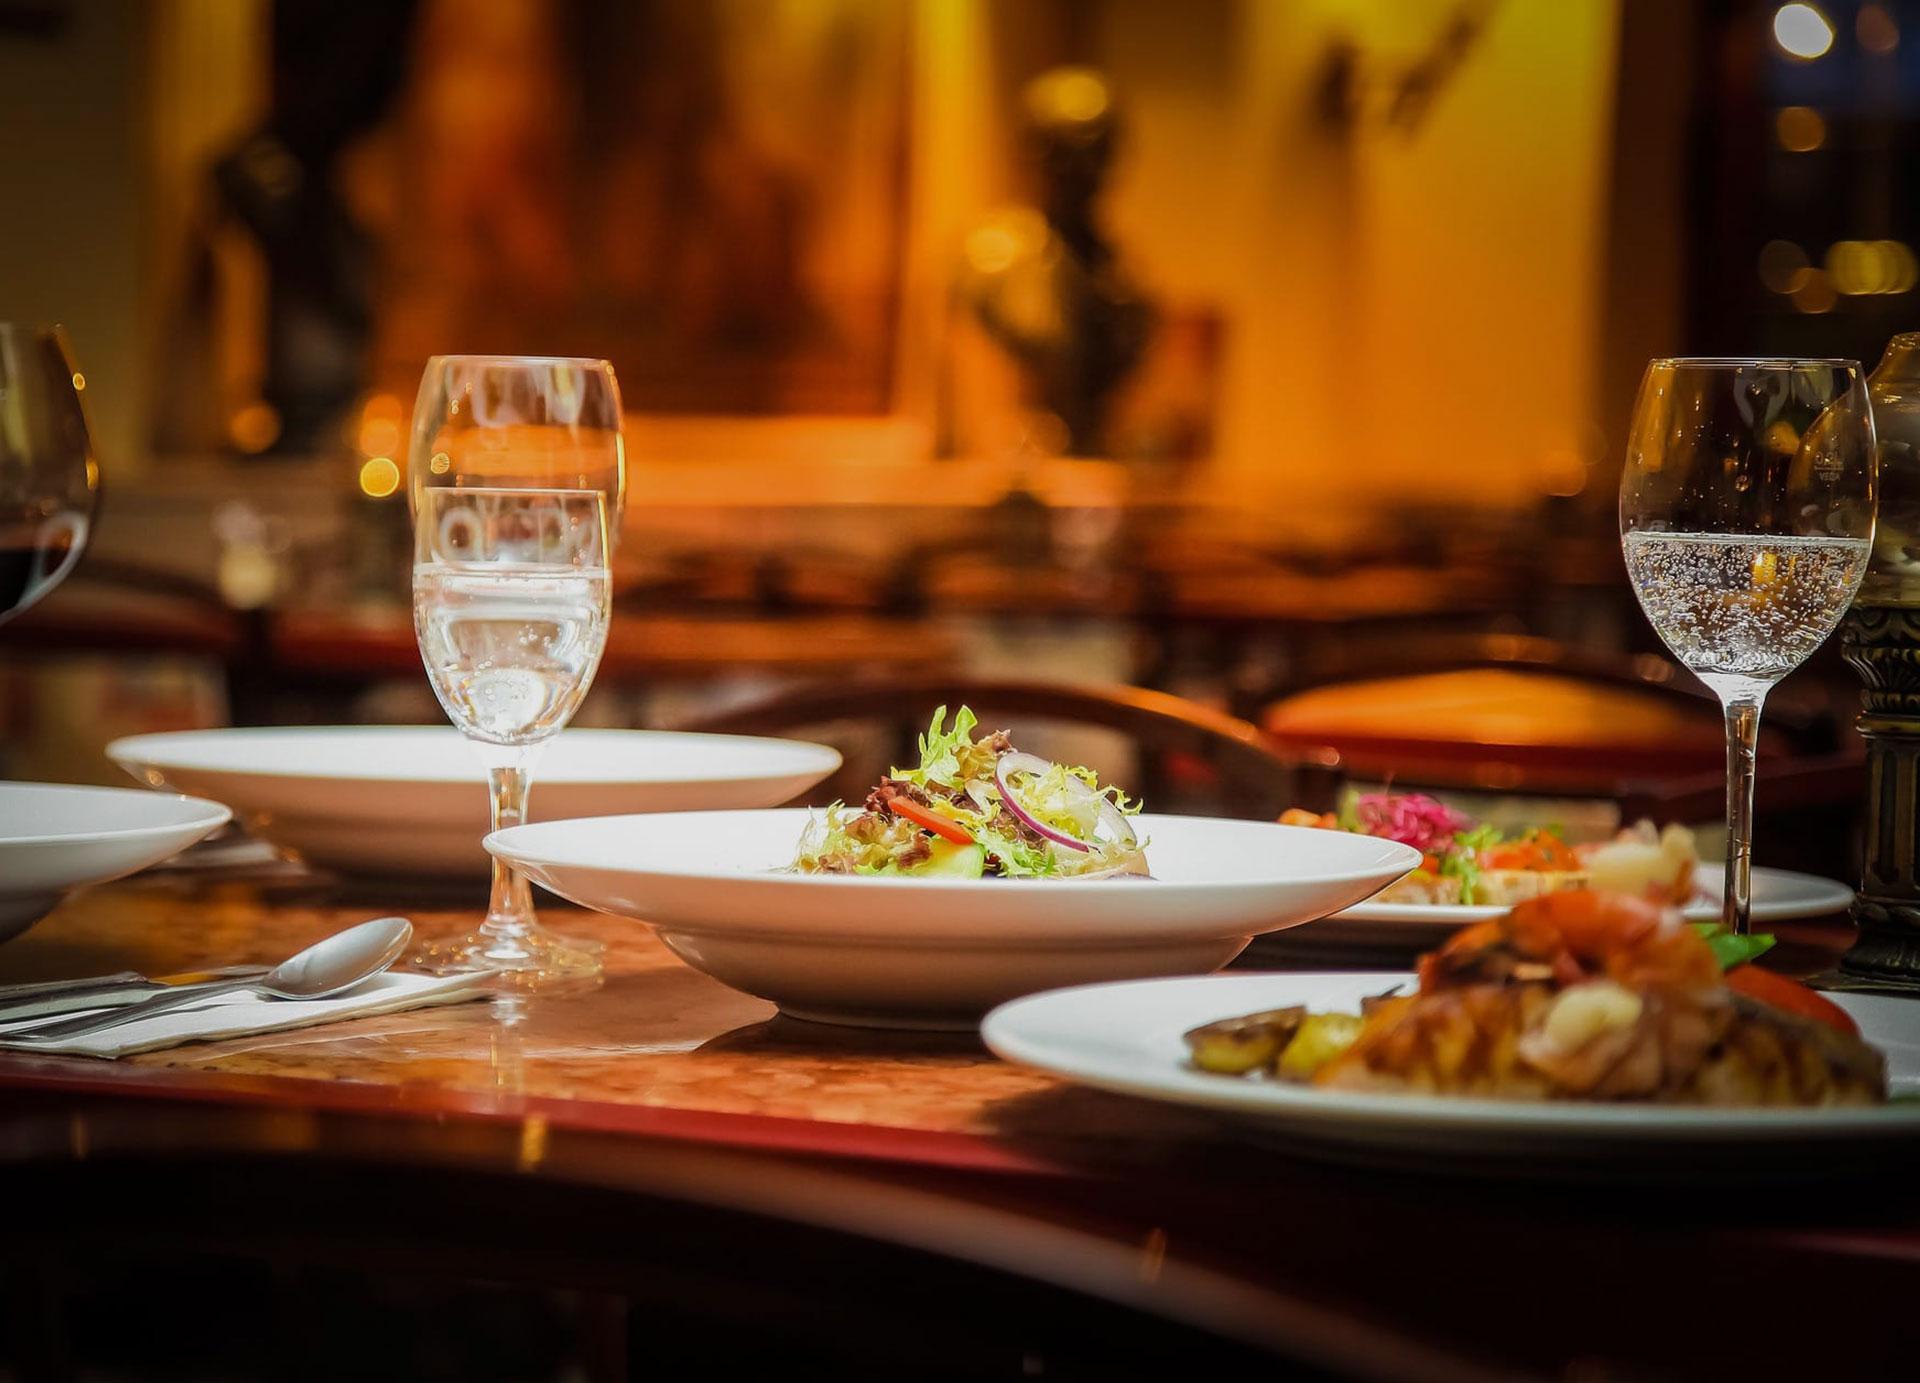 Üdvözöljük a Petőfi étterem -és rendezvényterem weboldalán!